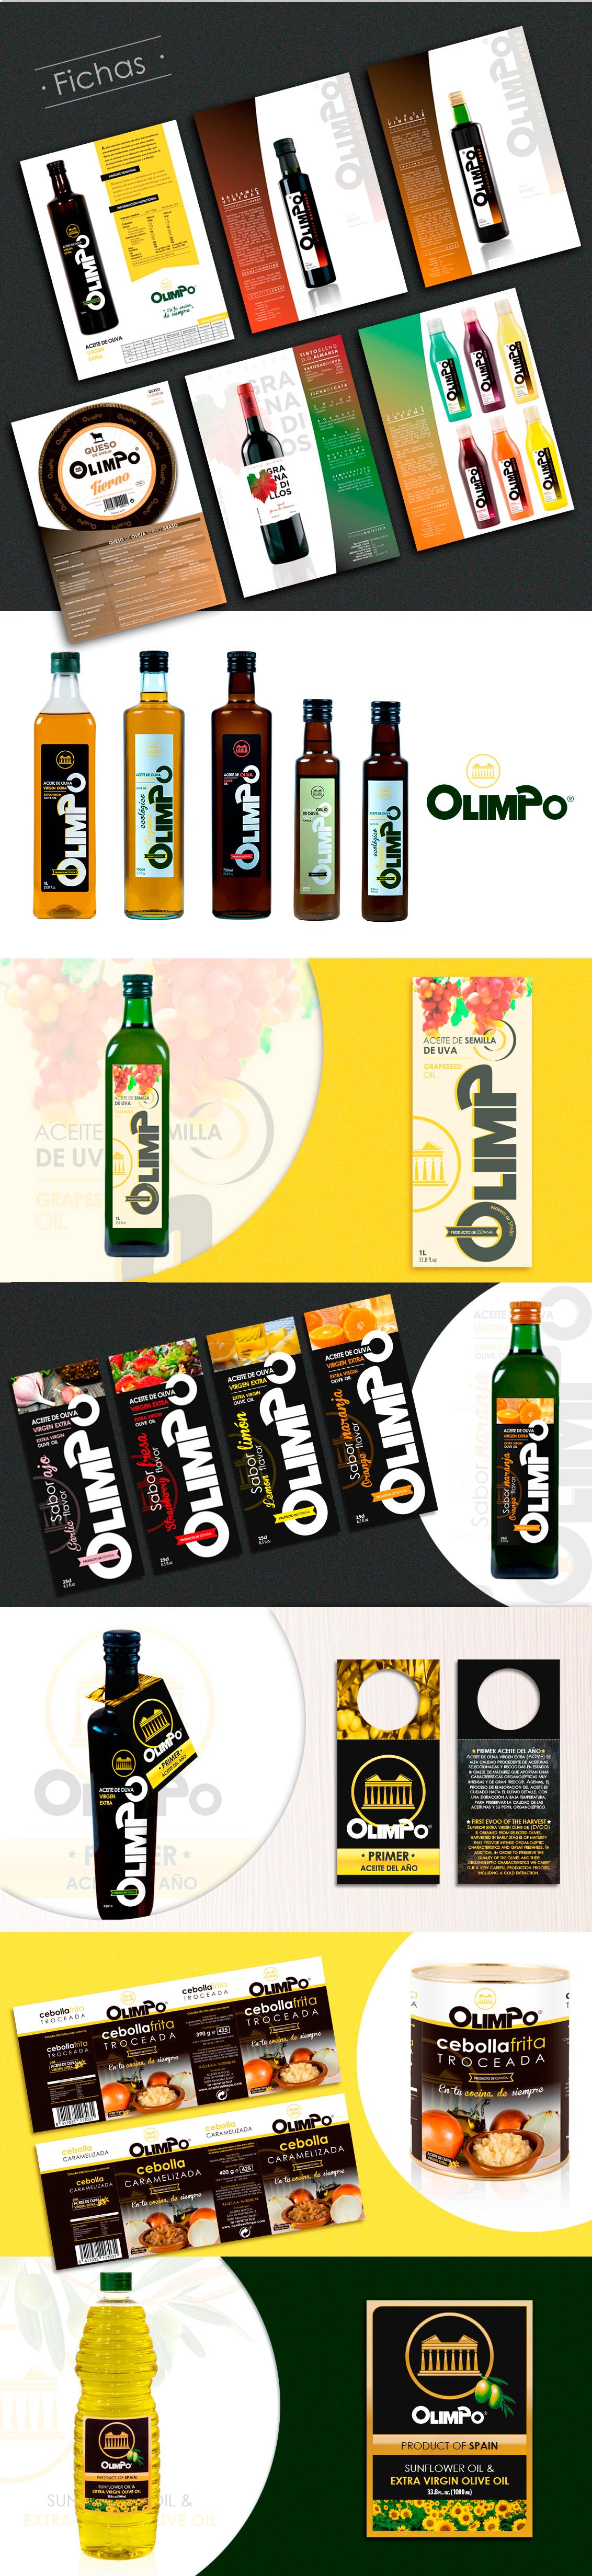 Diseño de etiquetas de aceite Albacete, diseño etiquetas aceites Olimpo